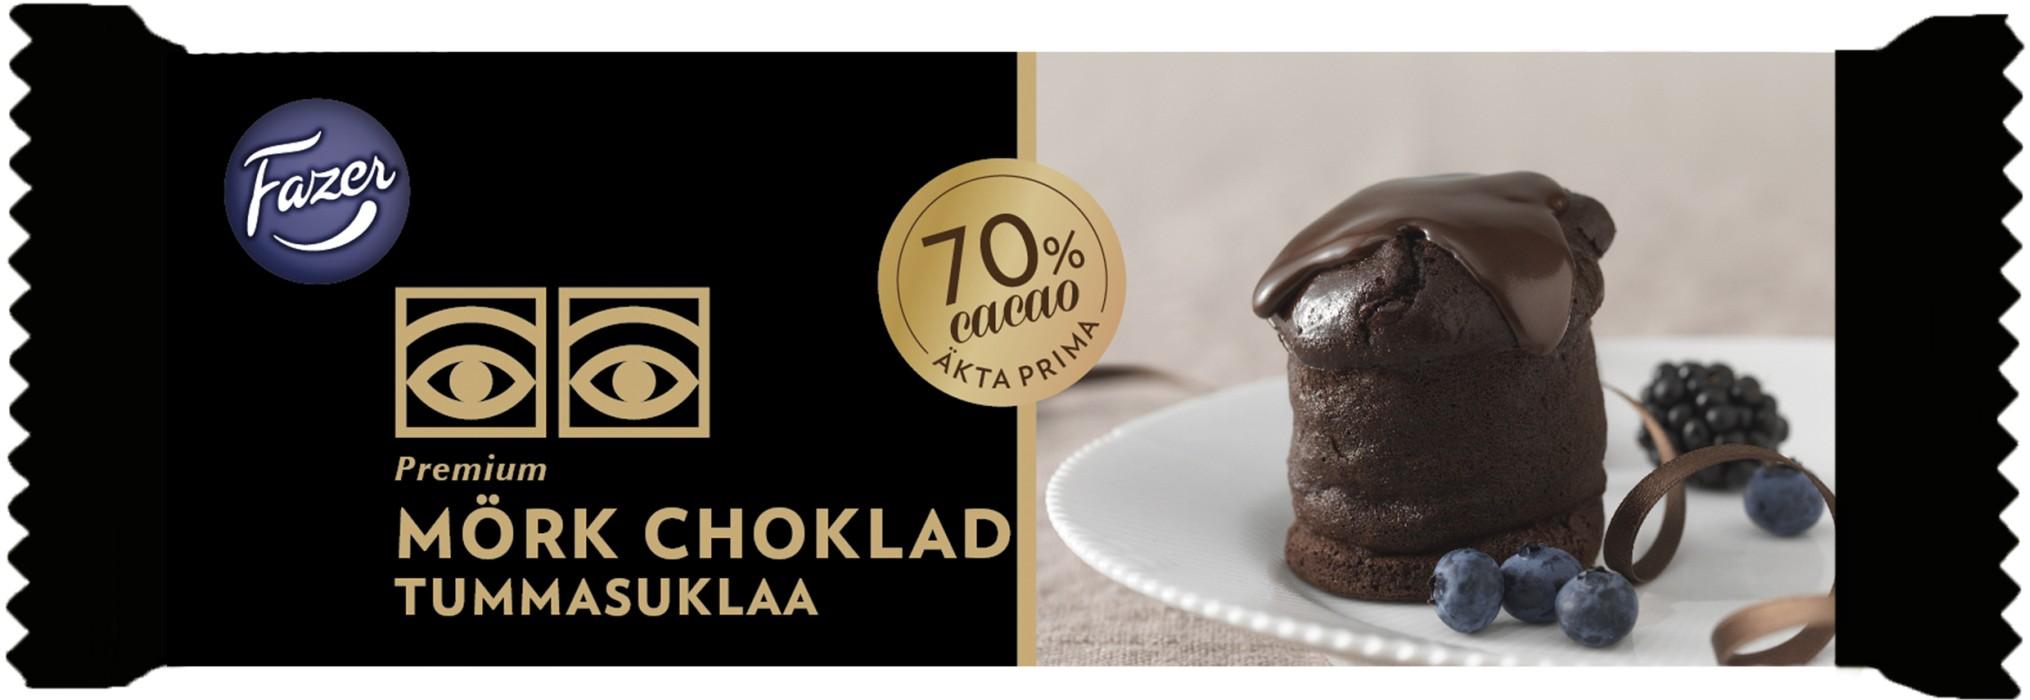 premium 70 choklad